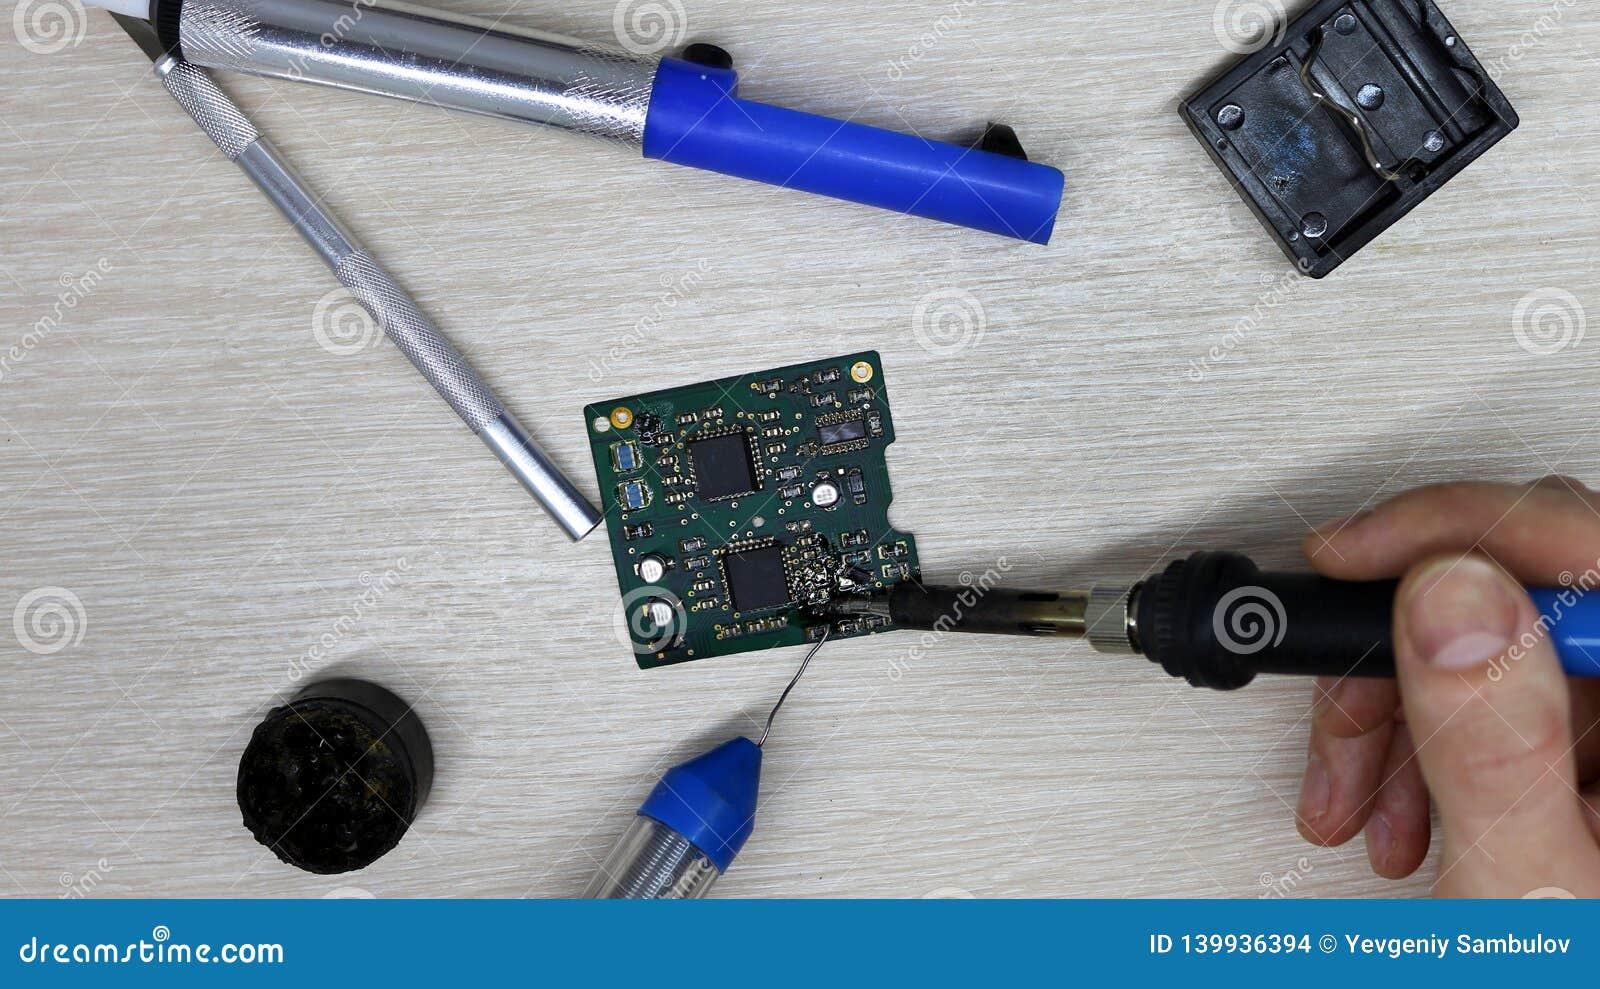 Εργαστήριο στην επισκευή των οικιακών συσκευών, της ηλεκτρονικής και των επεξεργαστών συγκολλώντας συγκολλώντας σίδηρος πινάκων,